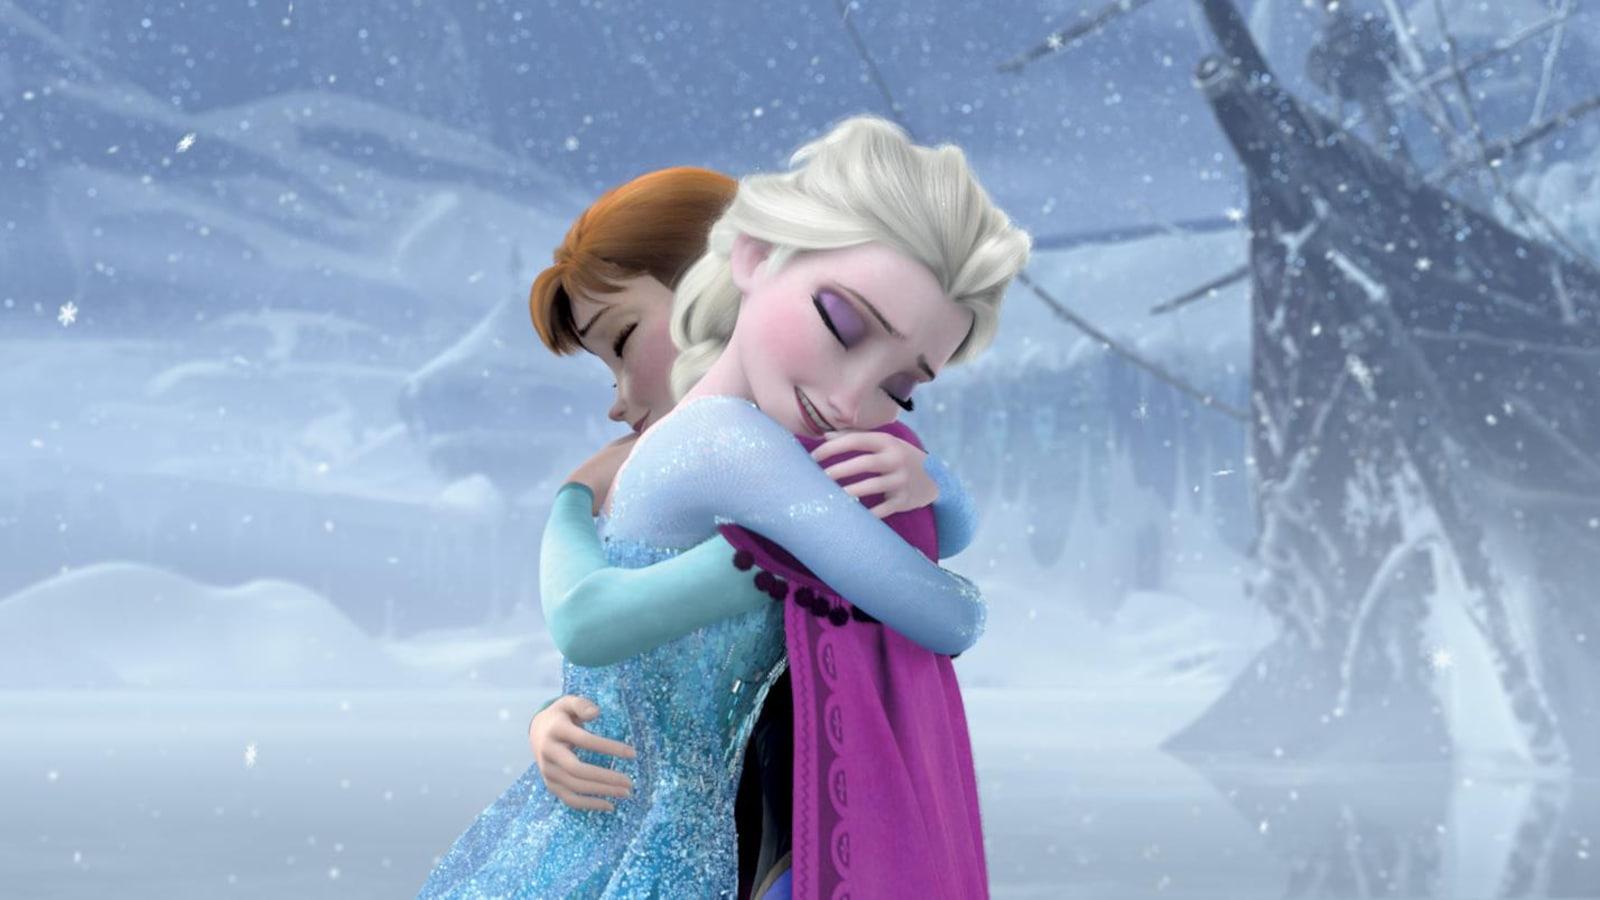 Dessinées, deux jeunes femmes s'enlacent sous la neige.